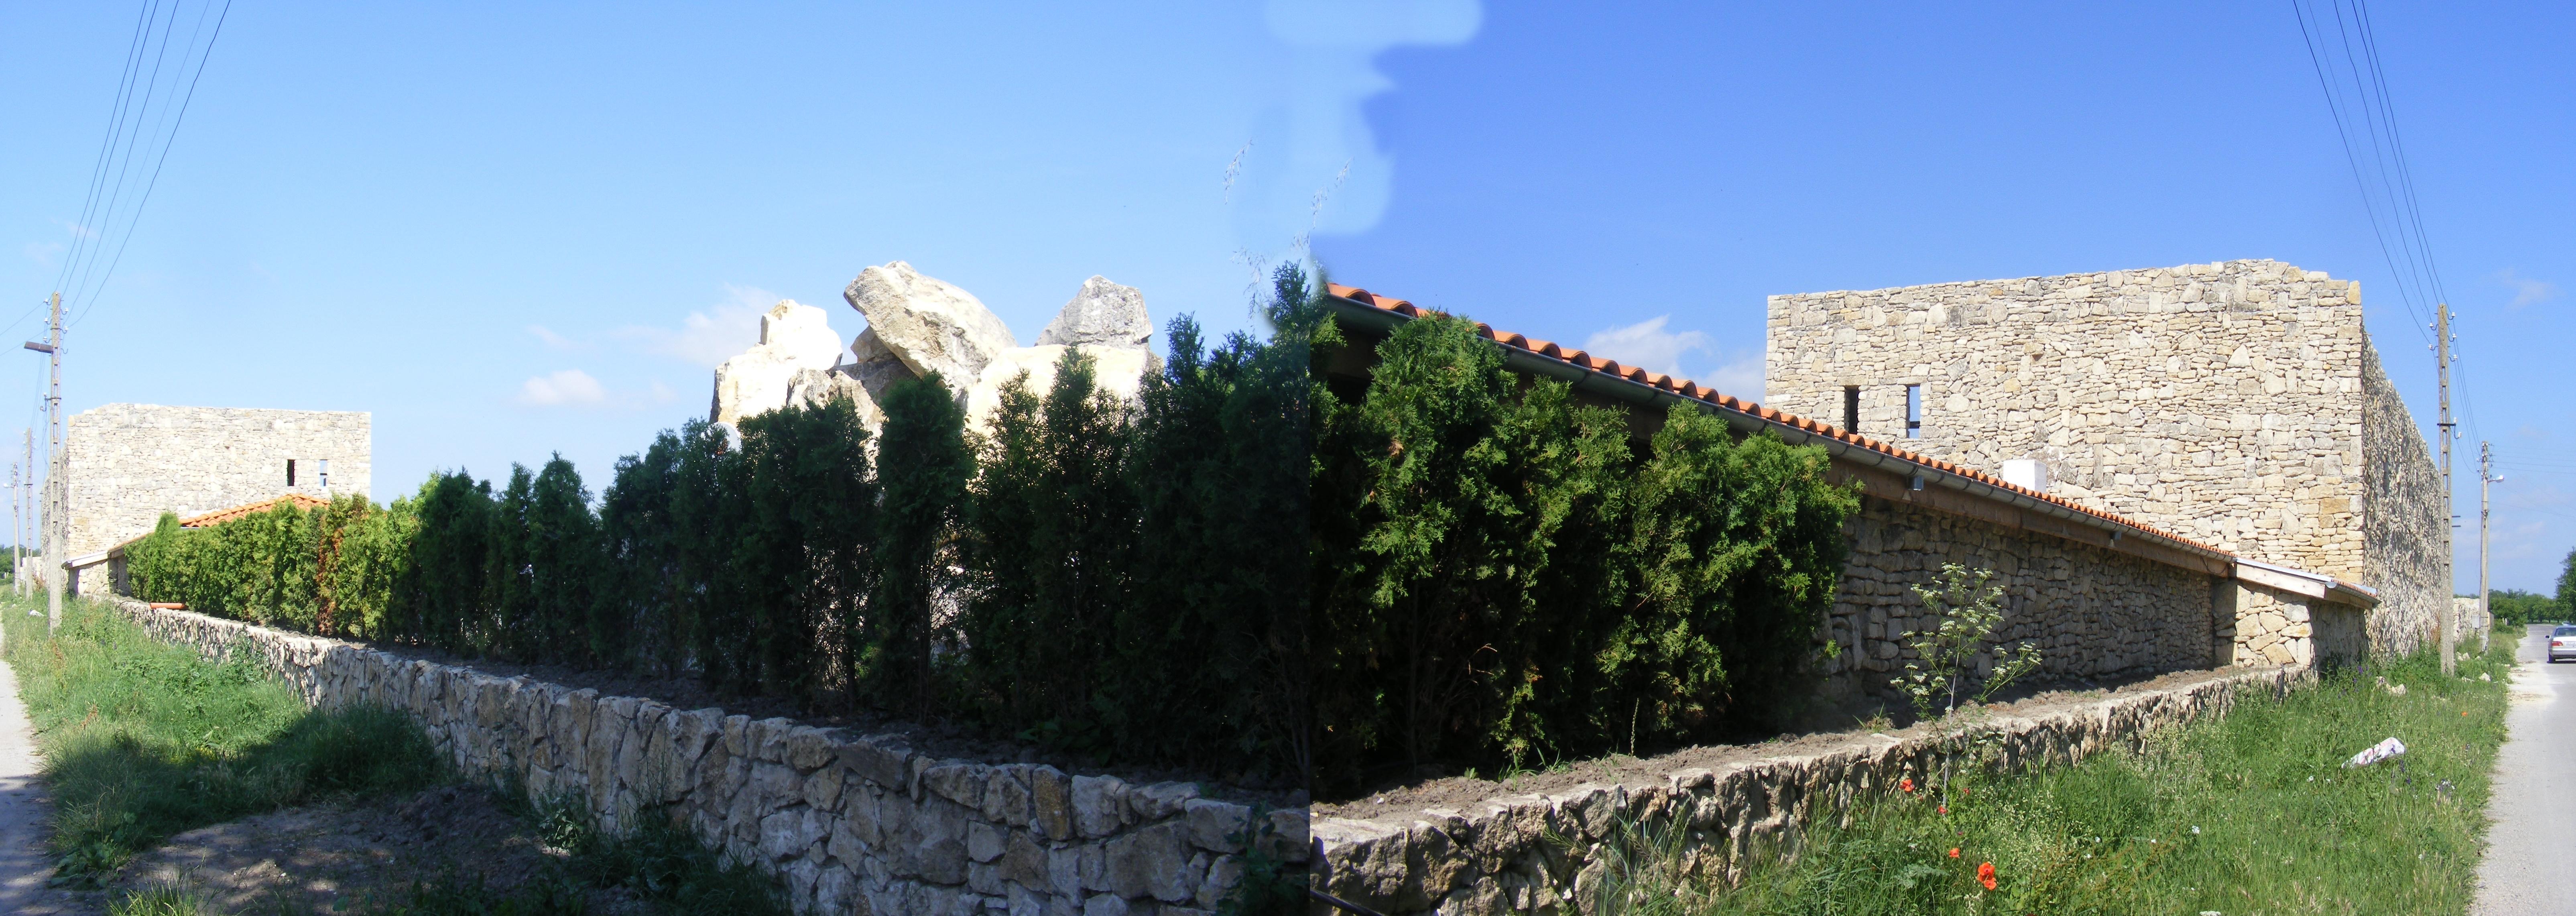 Крепост Кирилица Плиска